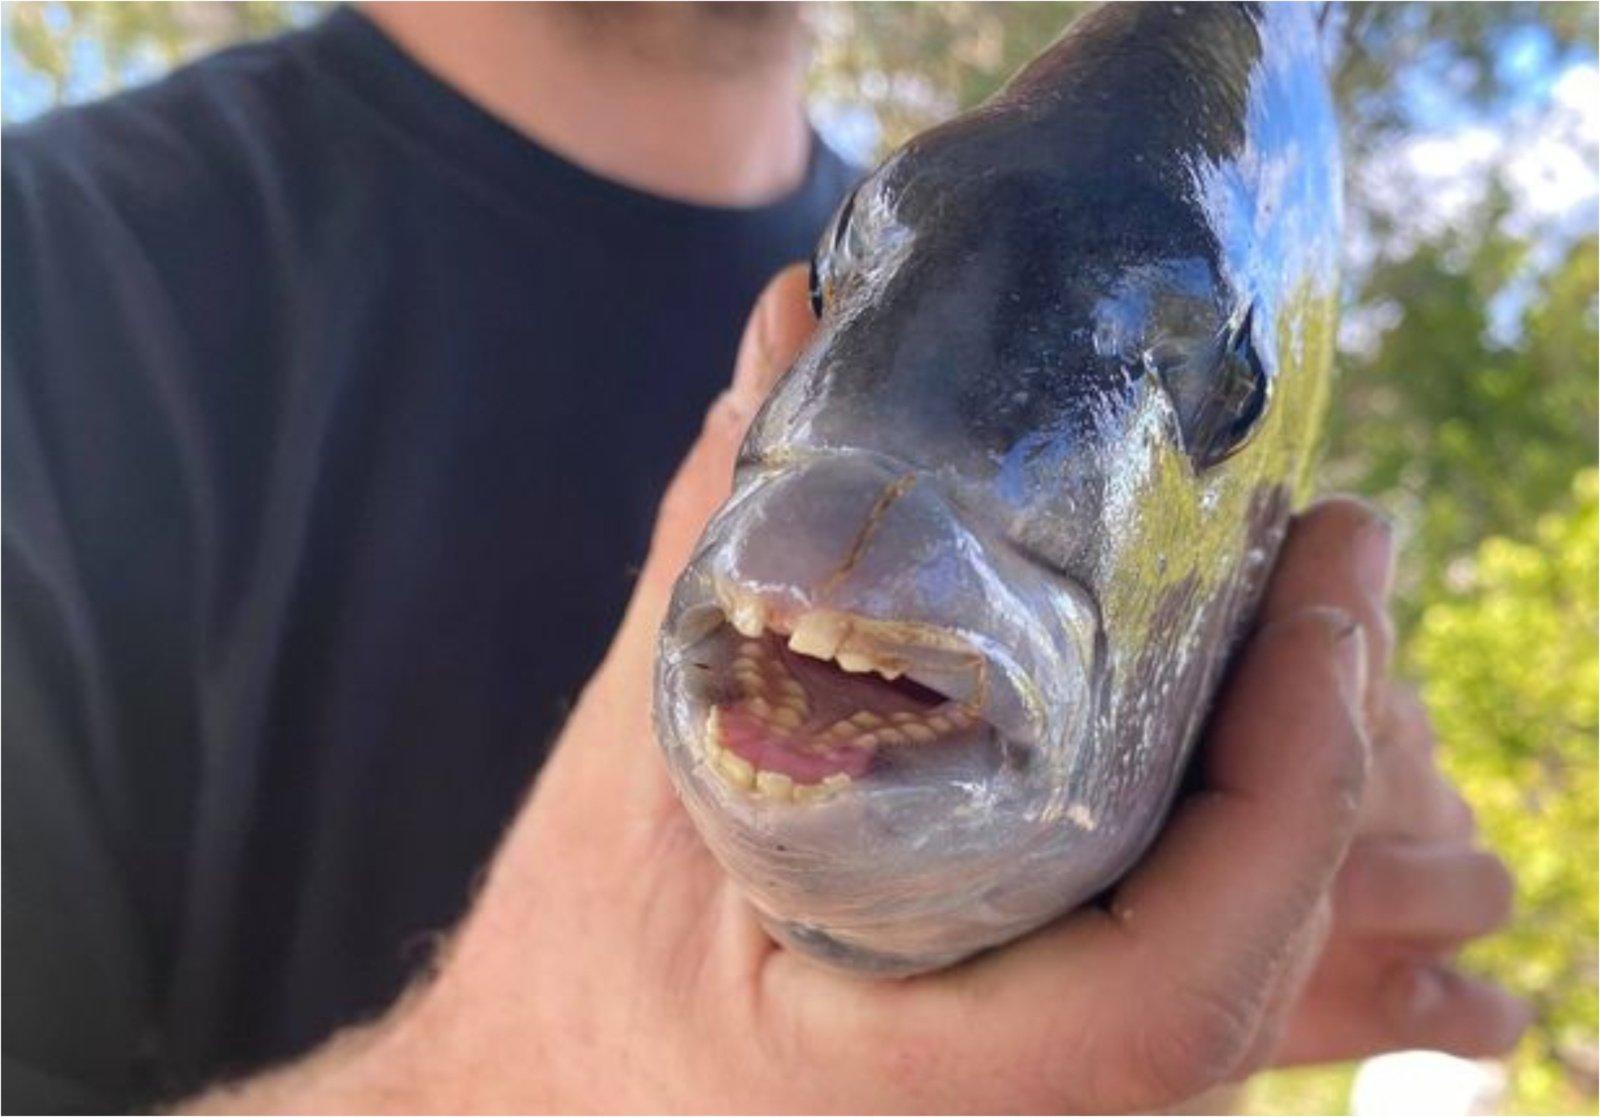 Žvejys kaip reikiant nustebo: sugavo žuvį su į žmogaus panašiais dantimis